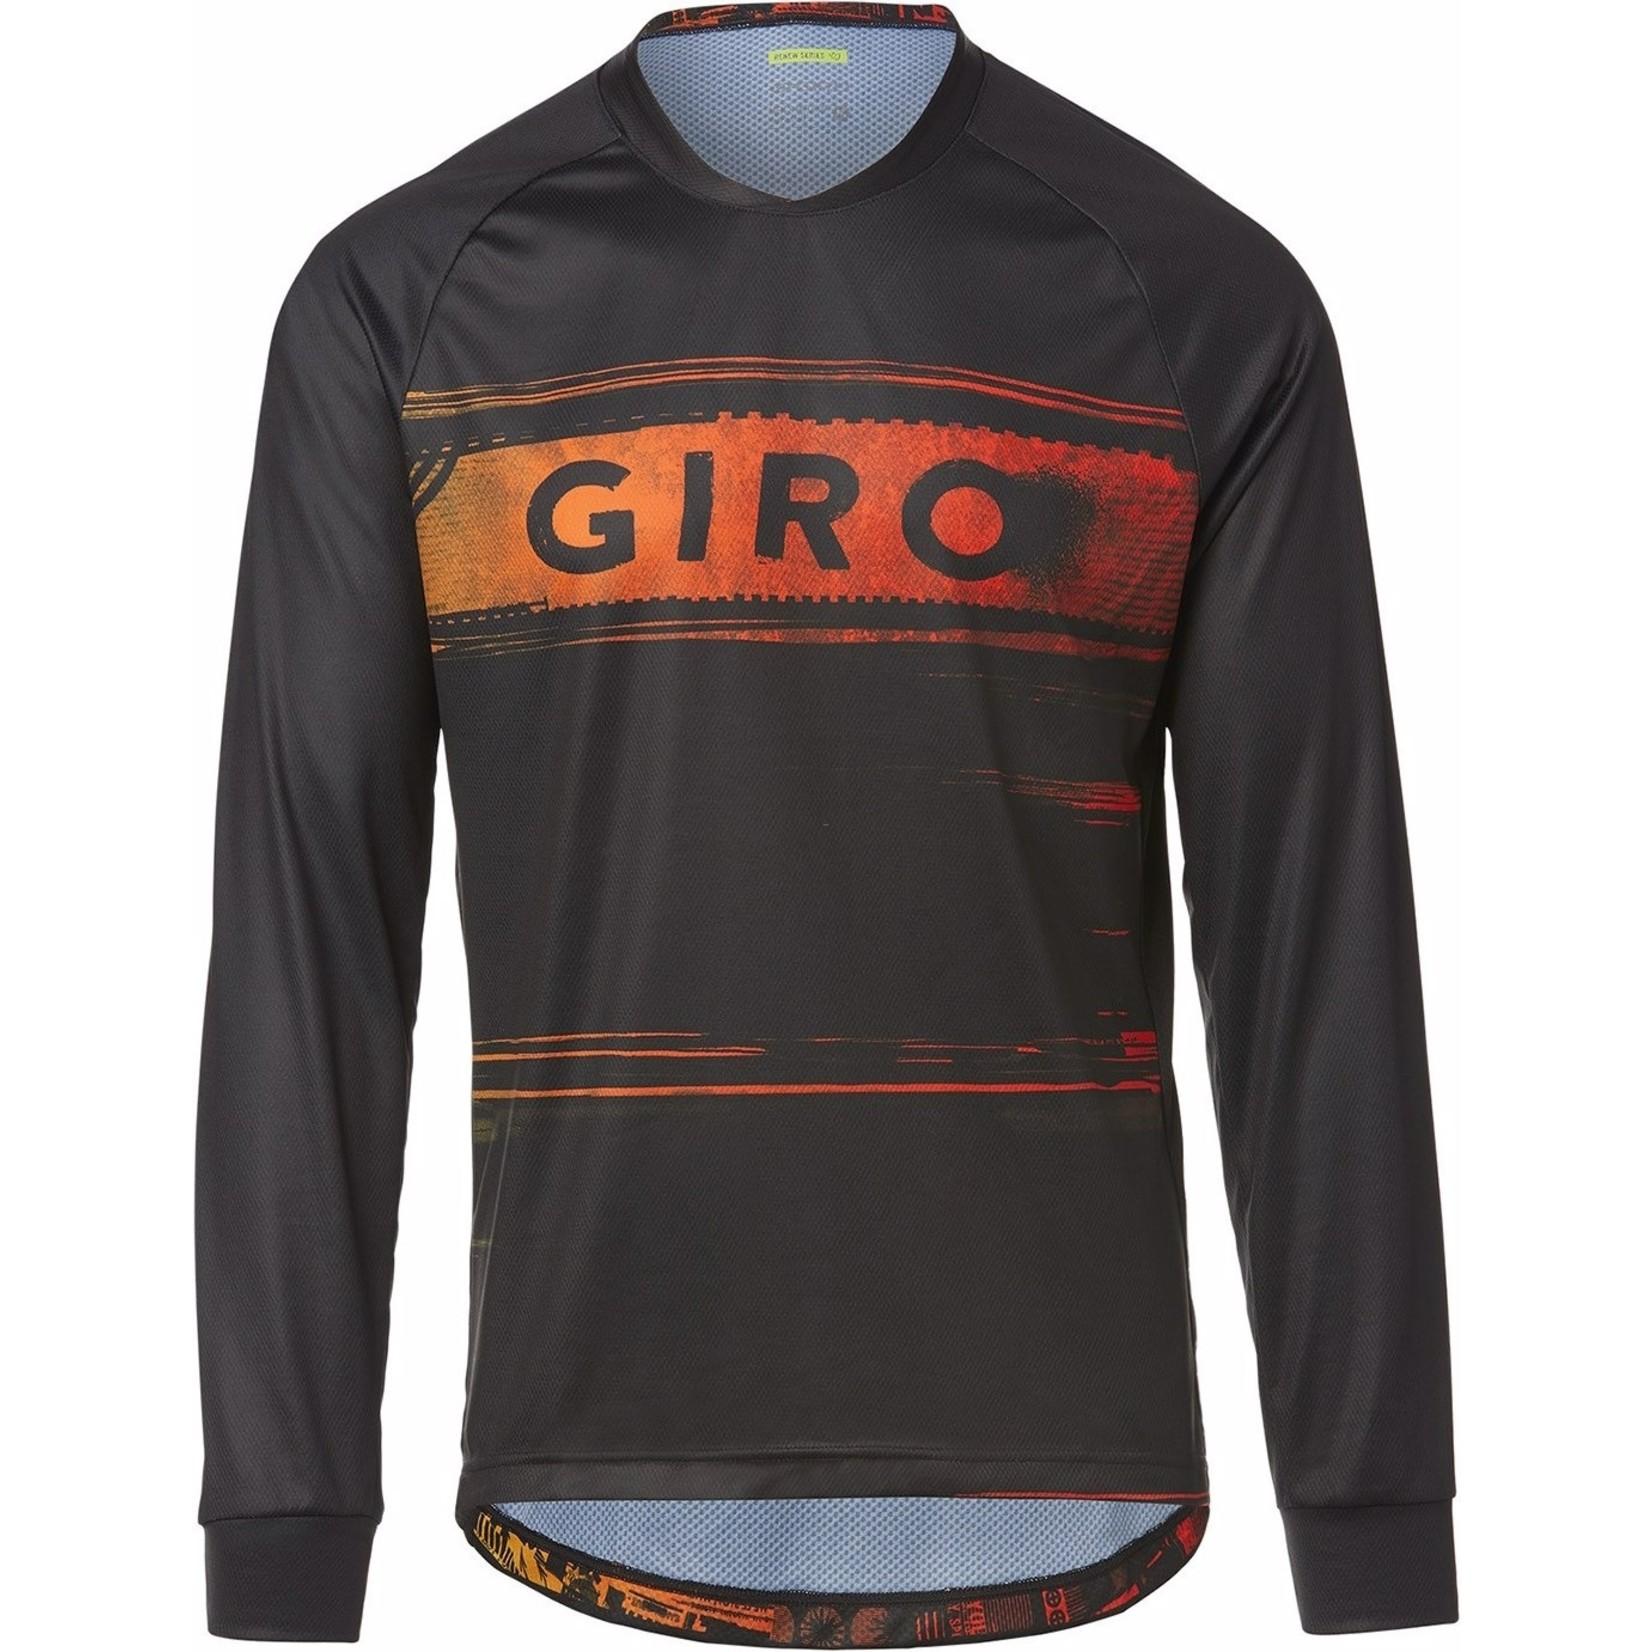 Giro Cycling Giro MTB Roust Jersey